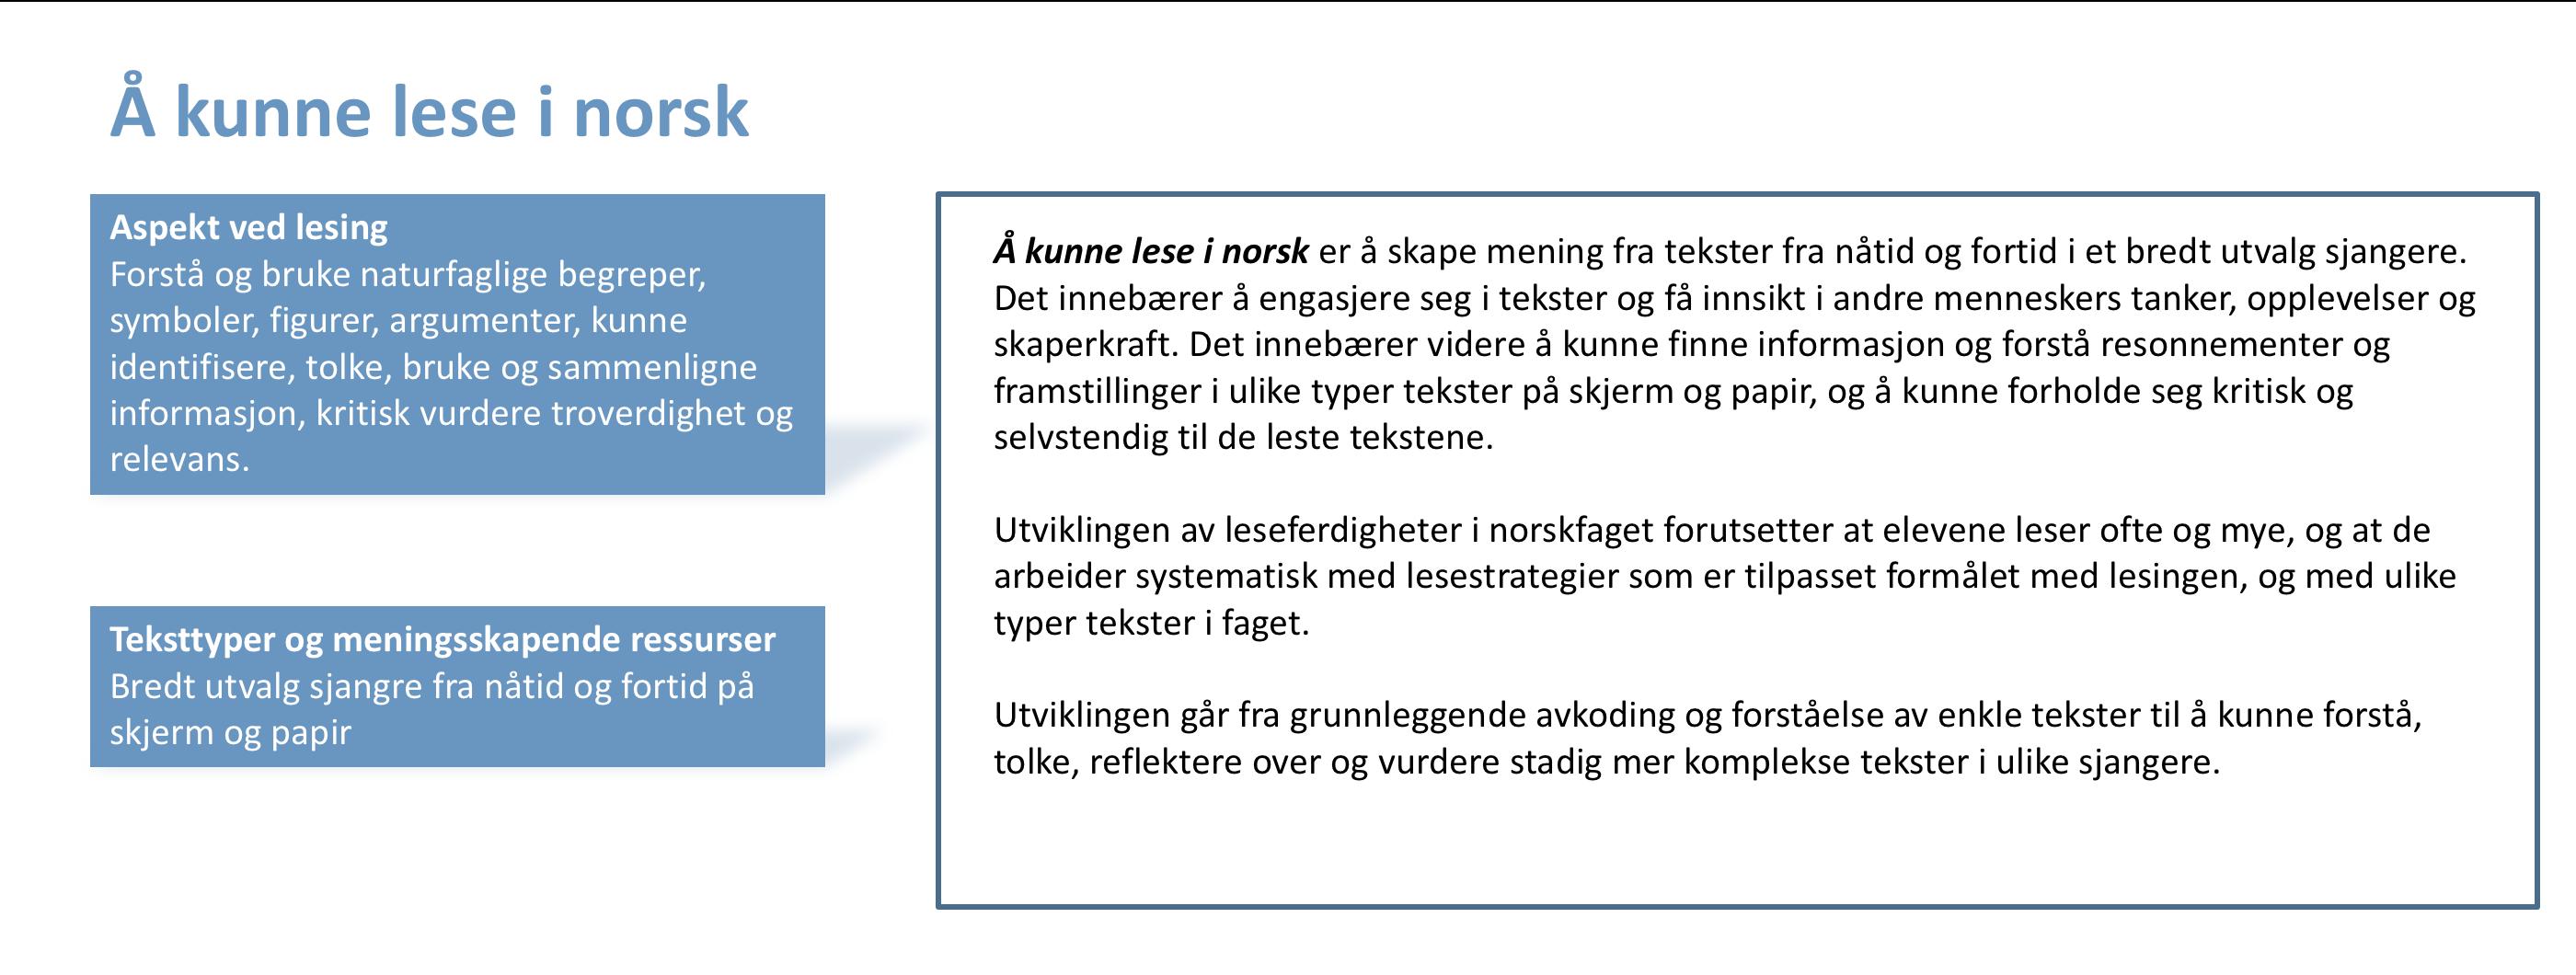 Å kunne lese i norsk